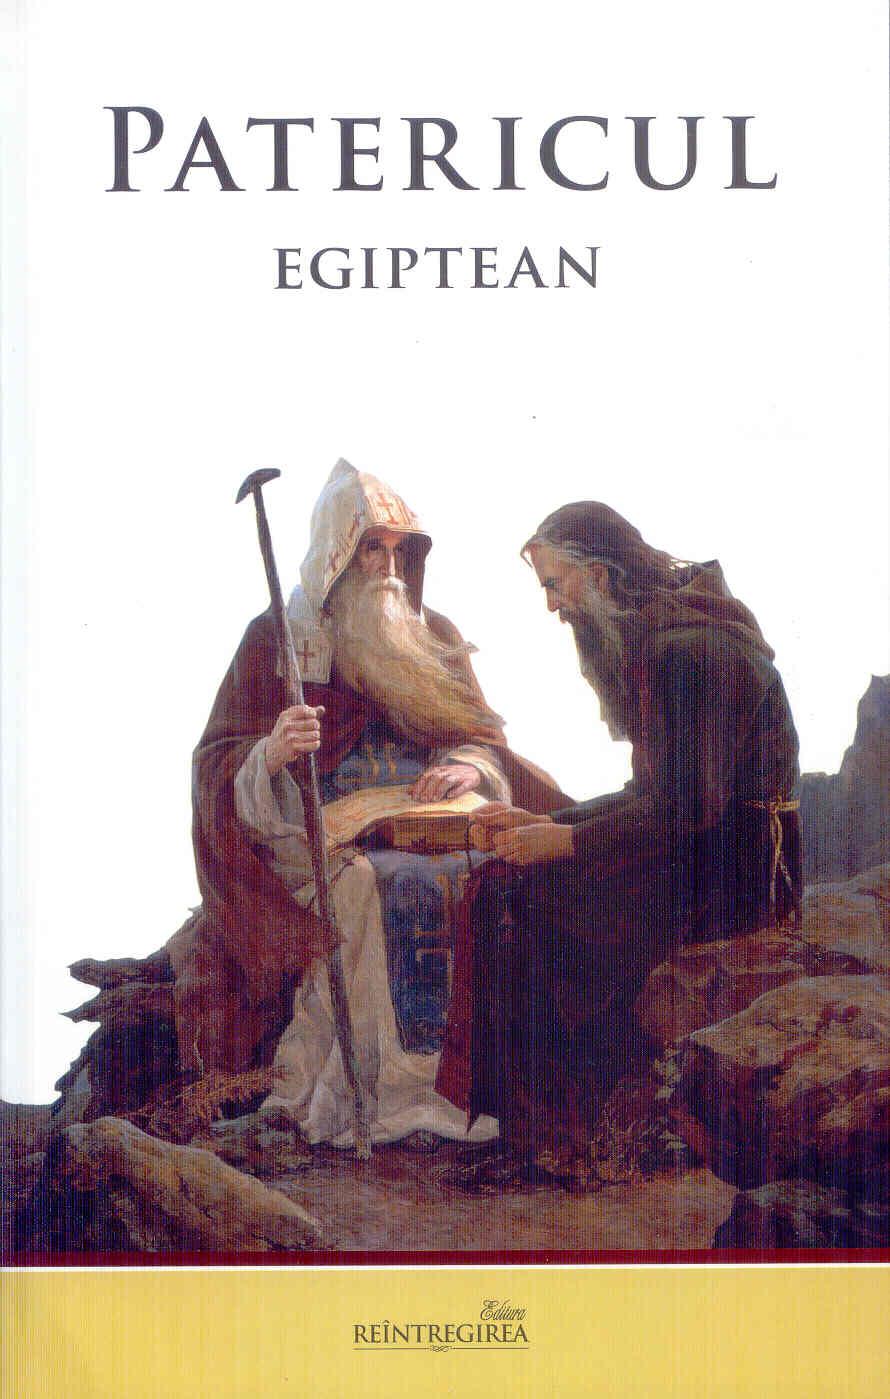 Patericul egiptean – Reintregirea